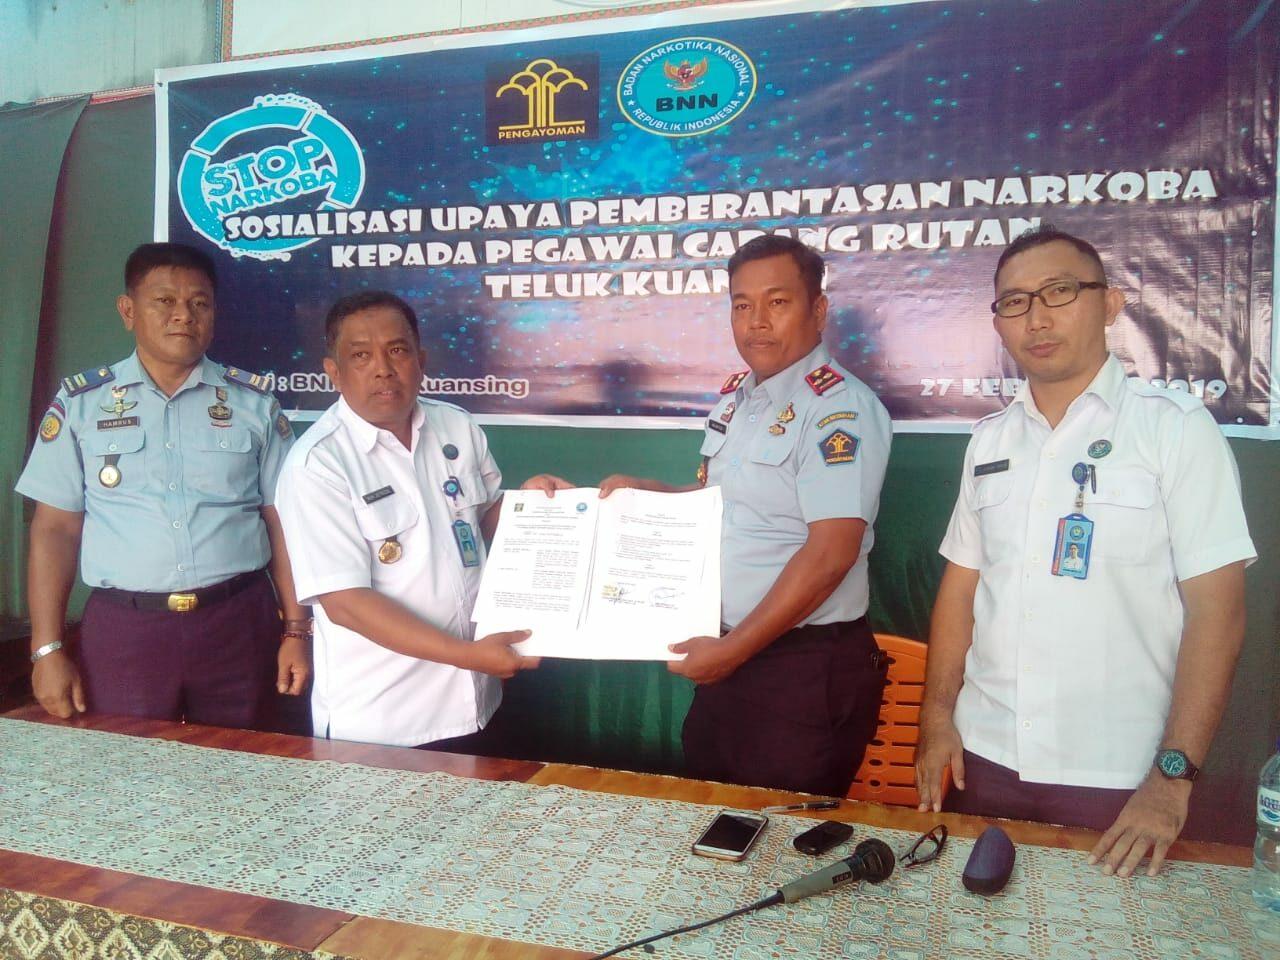 Sosialisasi P4GN dan MoU BNNK Kuansing dengan Cabang Rutan Teluk Kuantan